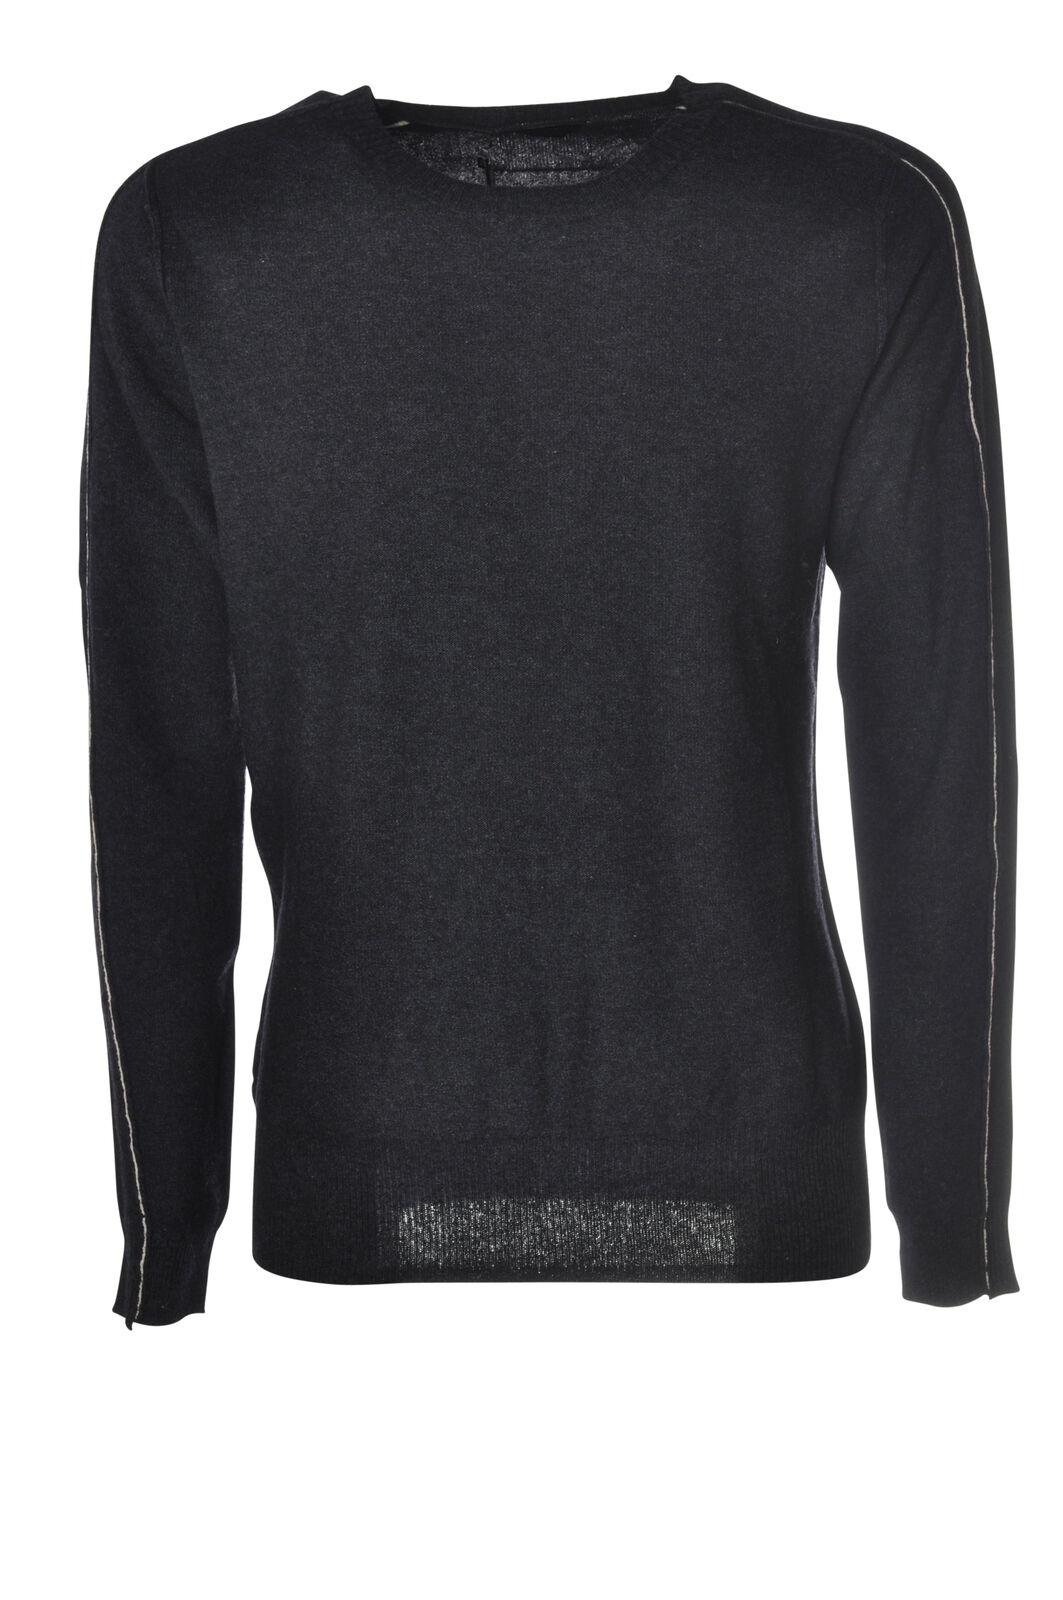 Hosio - Knitwear-Sweaters - Man - bluee - 5584110C190530